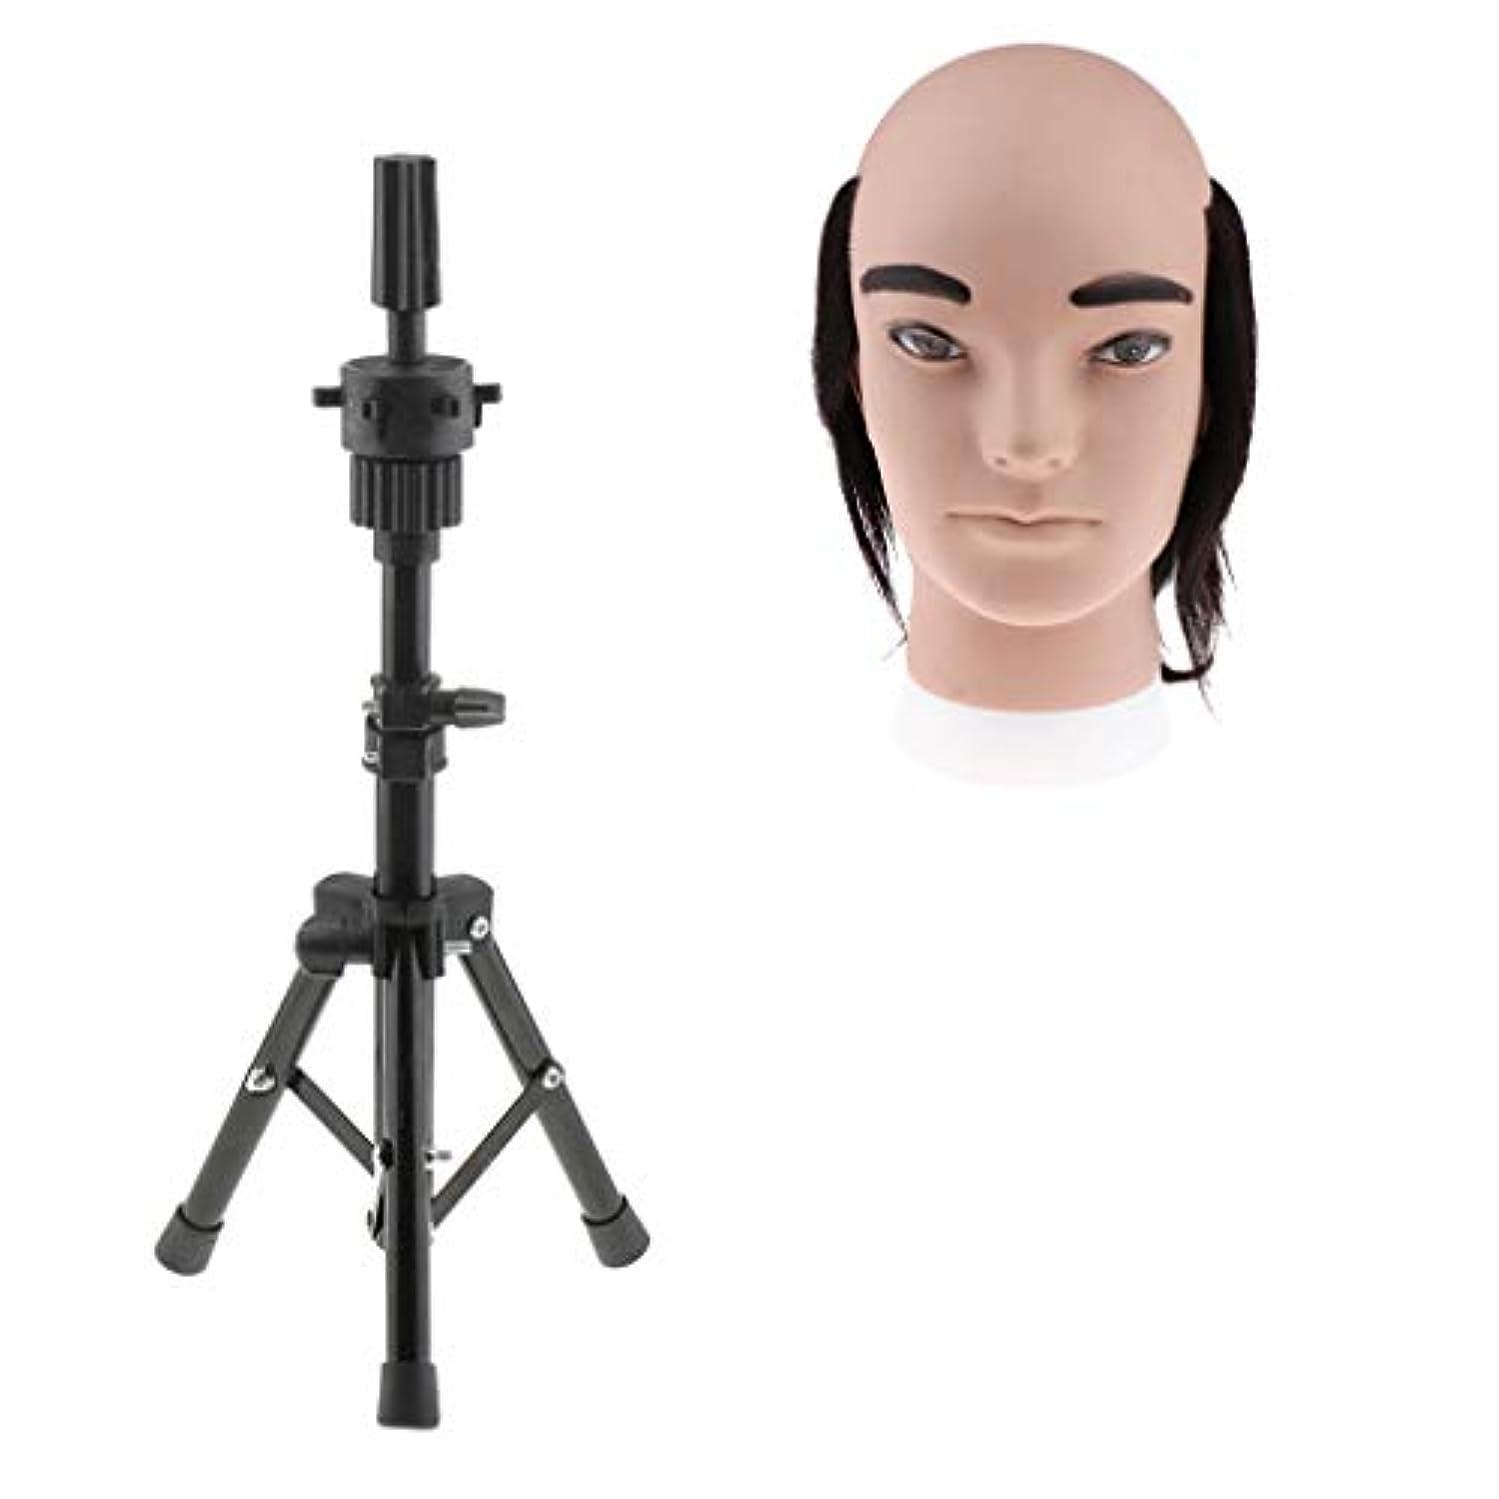 支給強度慣習CUTICATE 人間の髪毛 男性 マネキン トレーニング マネキン美容人形 人形の頭付き三脚ホルダー